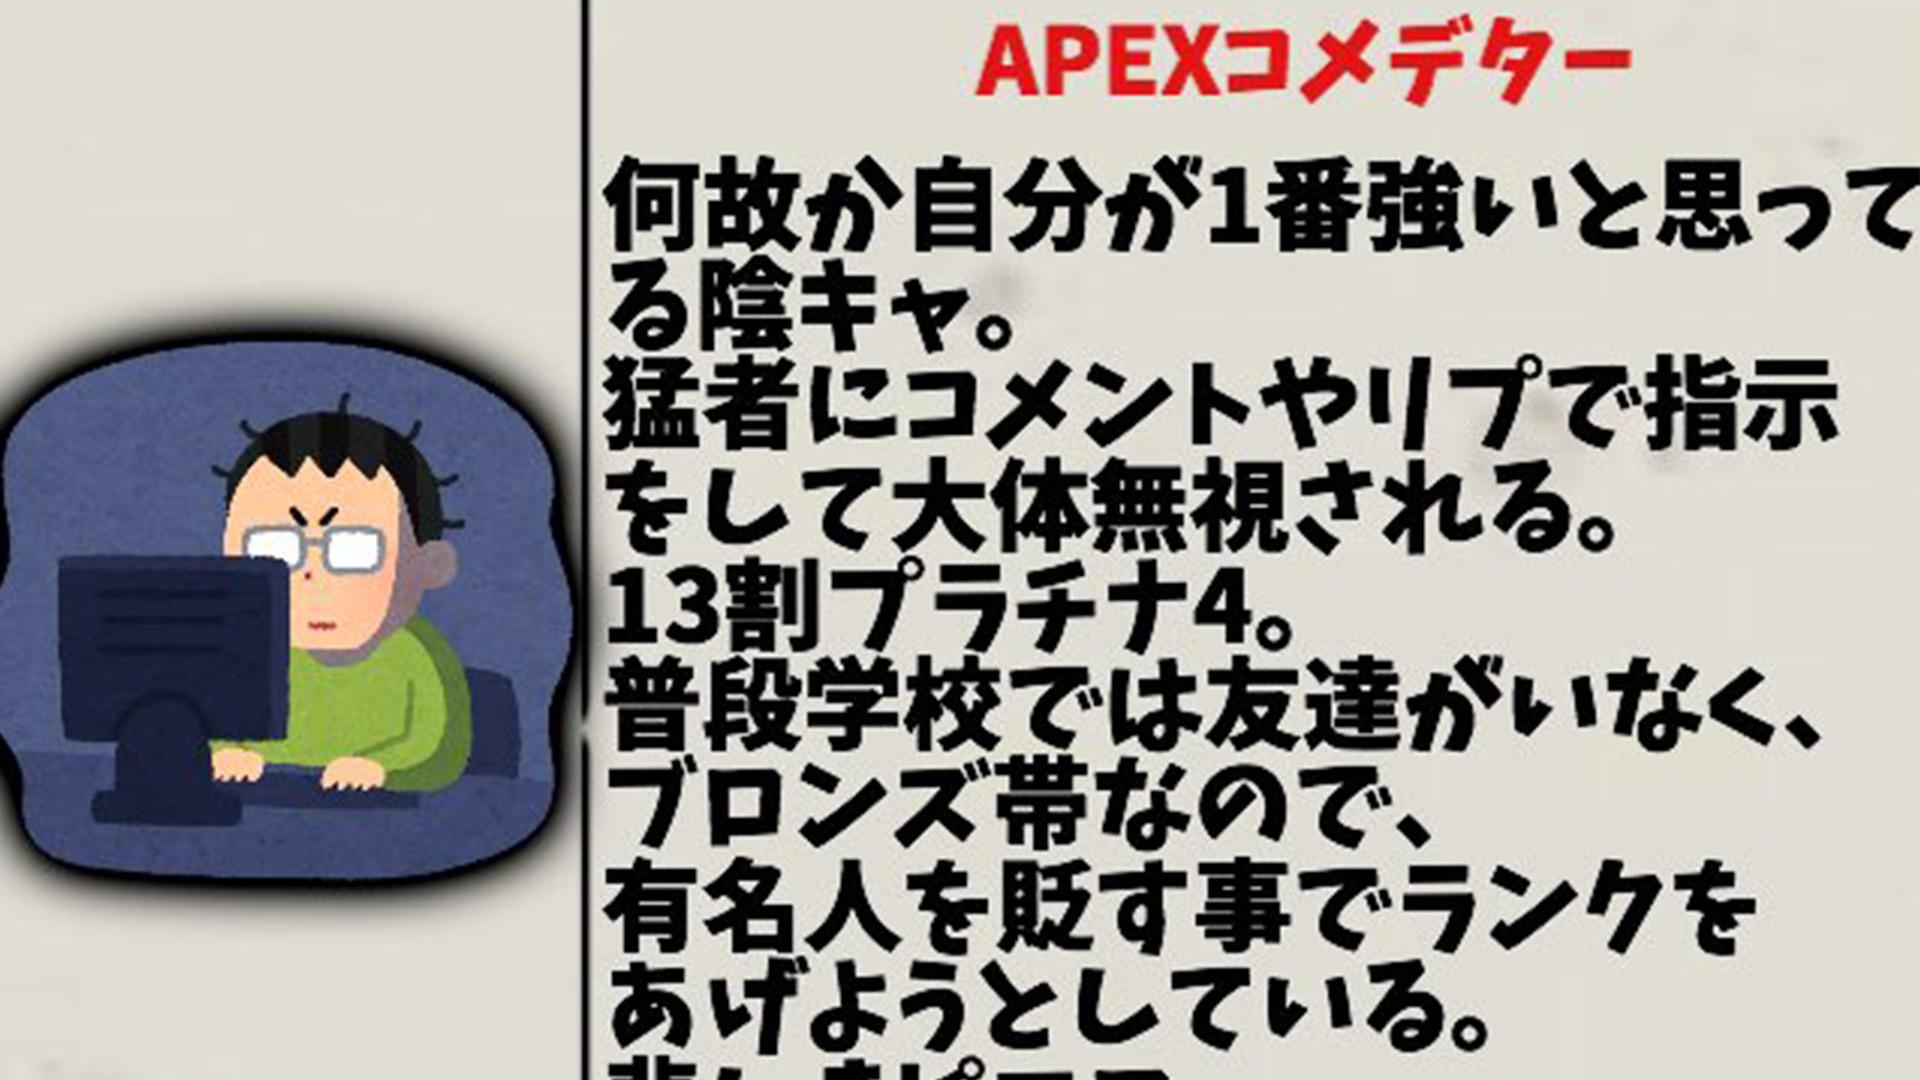 APEXのランクで分かるその人の特徴がコチラwww